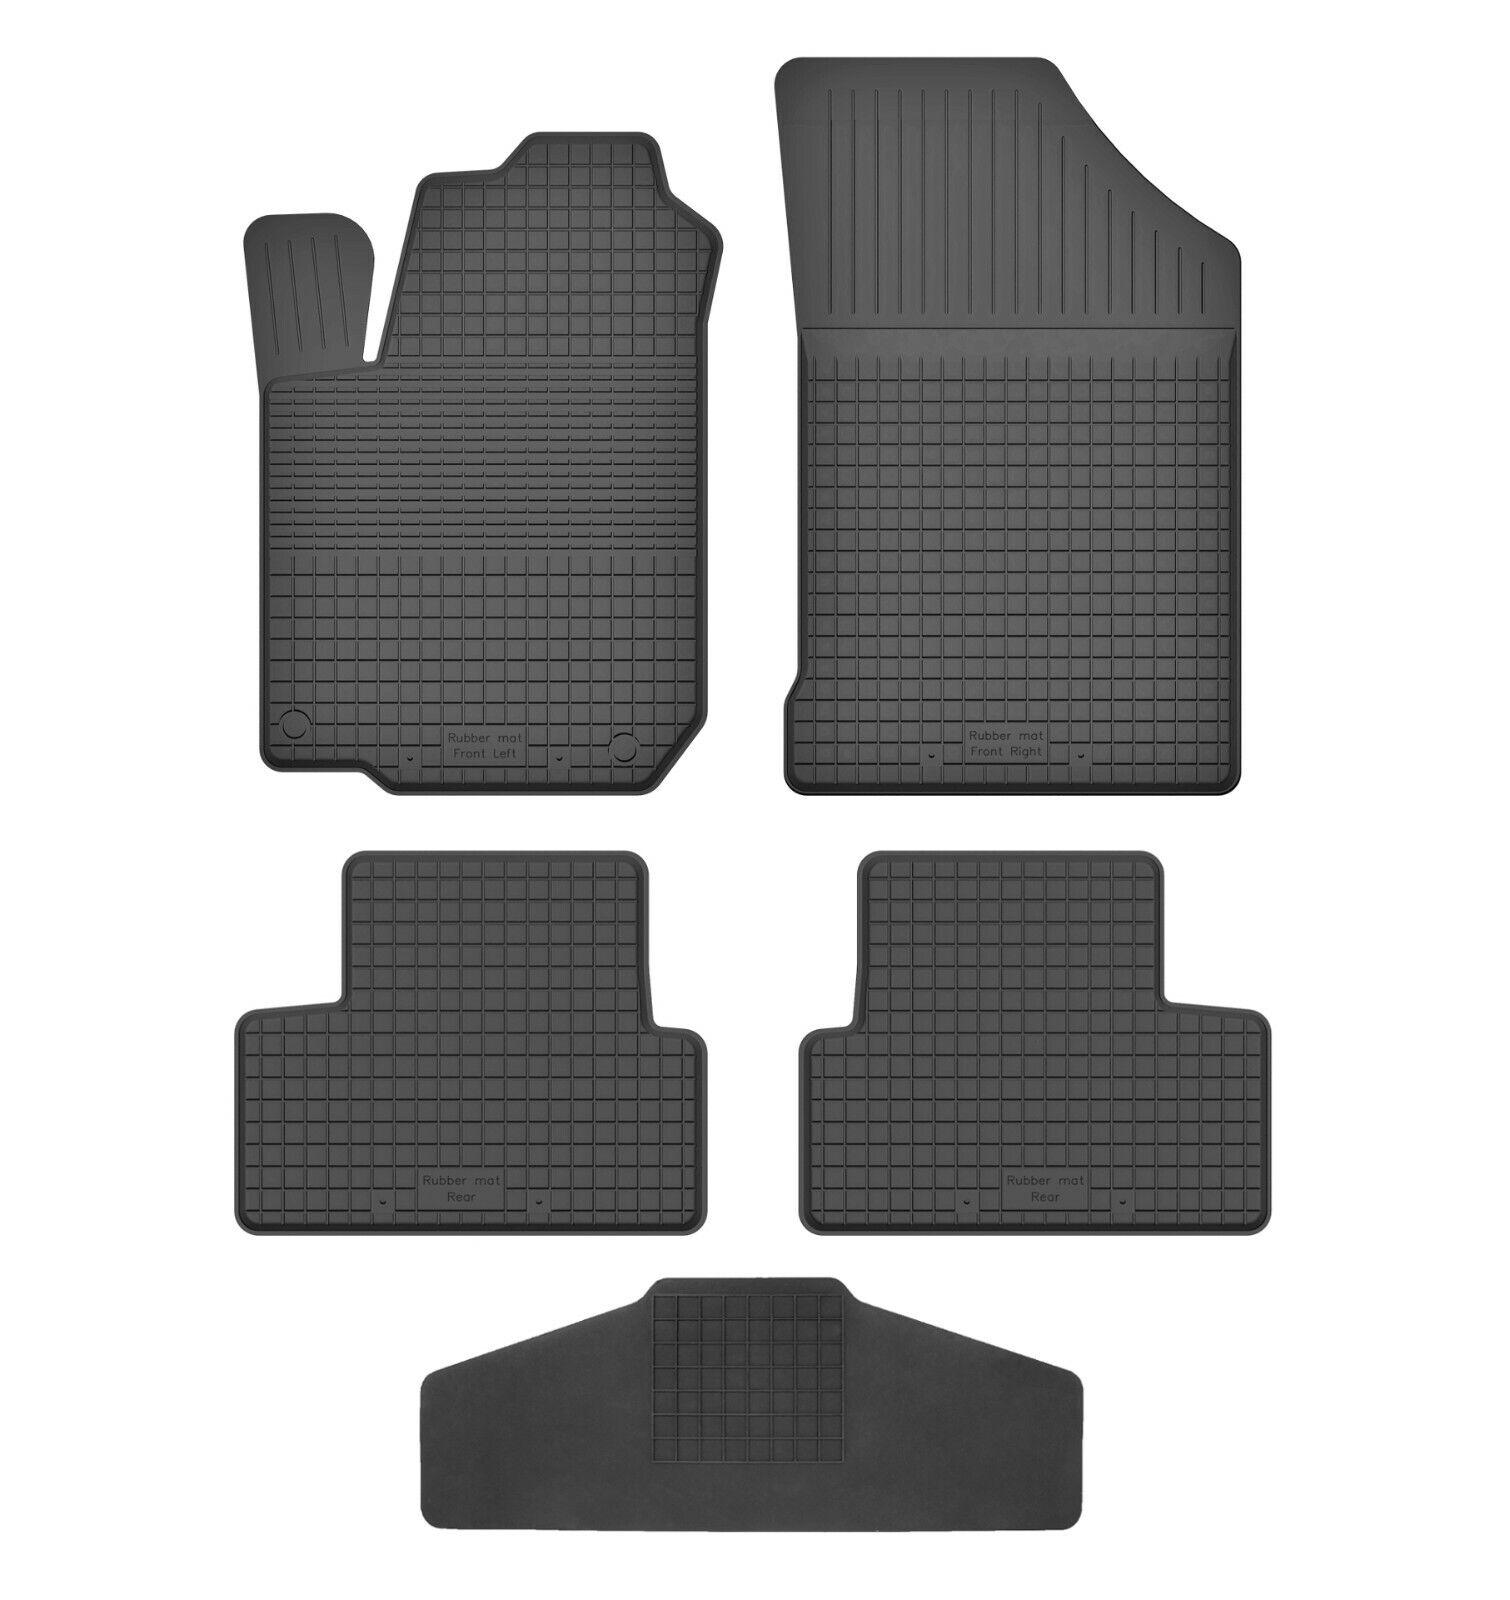 3D Gummifußmatten Gummimatten für Toyota Aygo 2005-2014 4-tlg Set